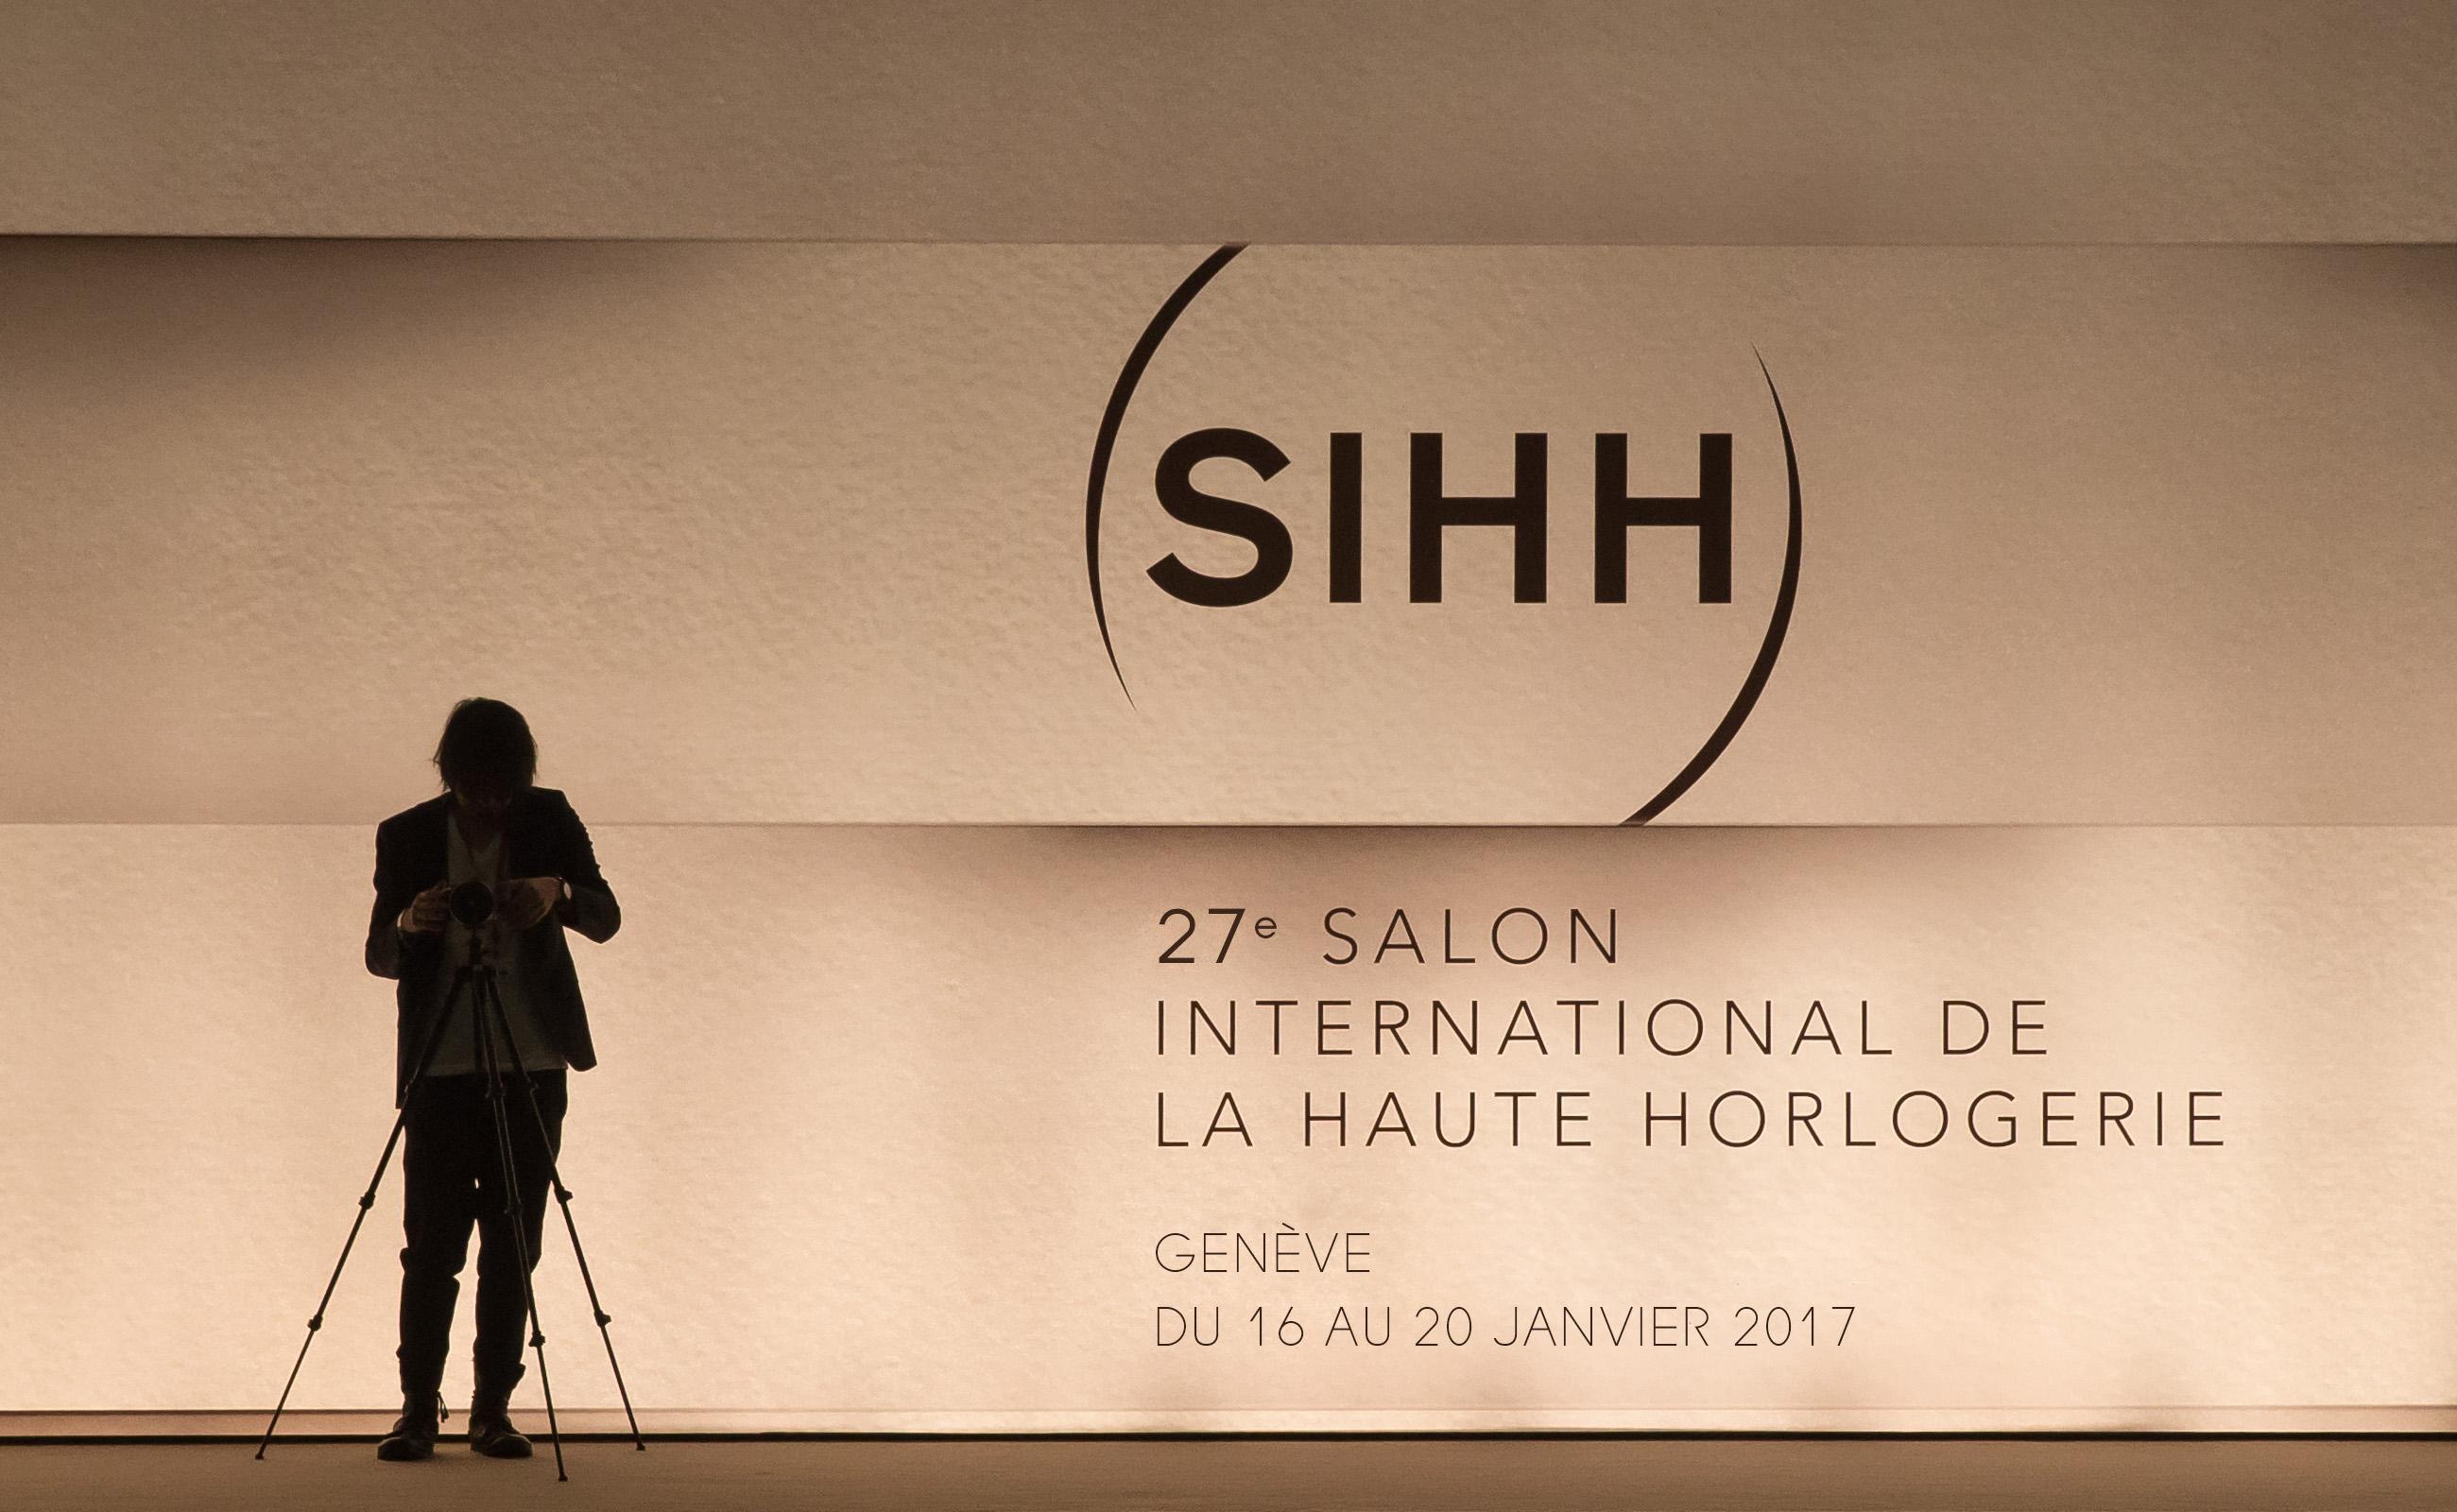 SIHH 2017